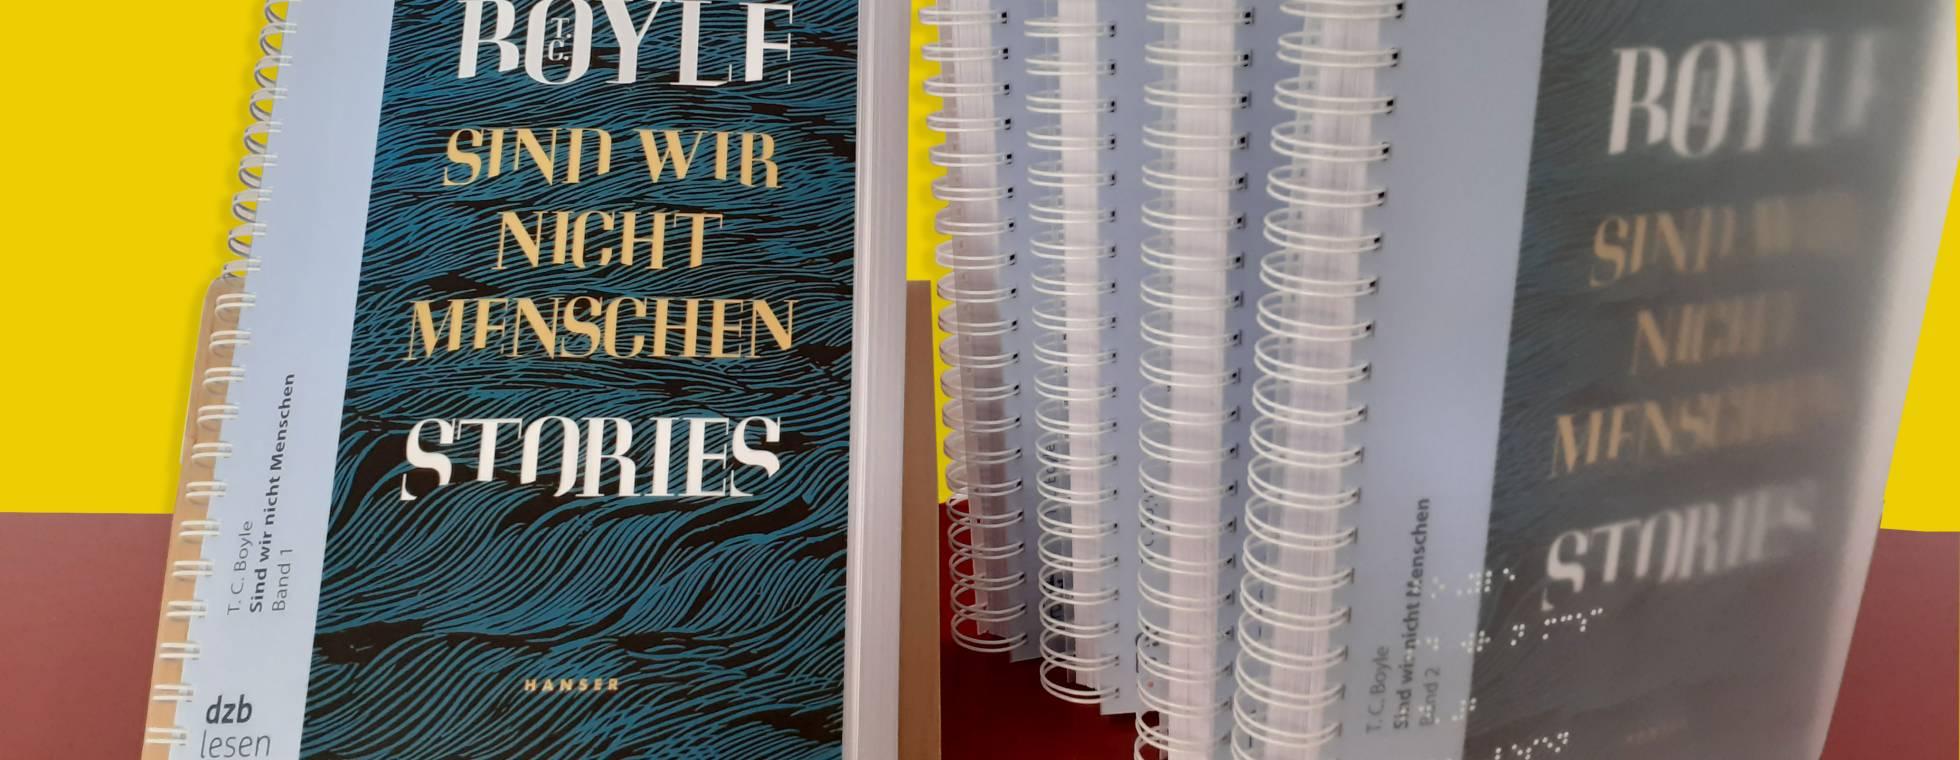 5-bändiges Braillebuch von T. C. Boyle